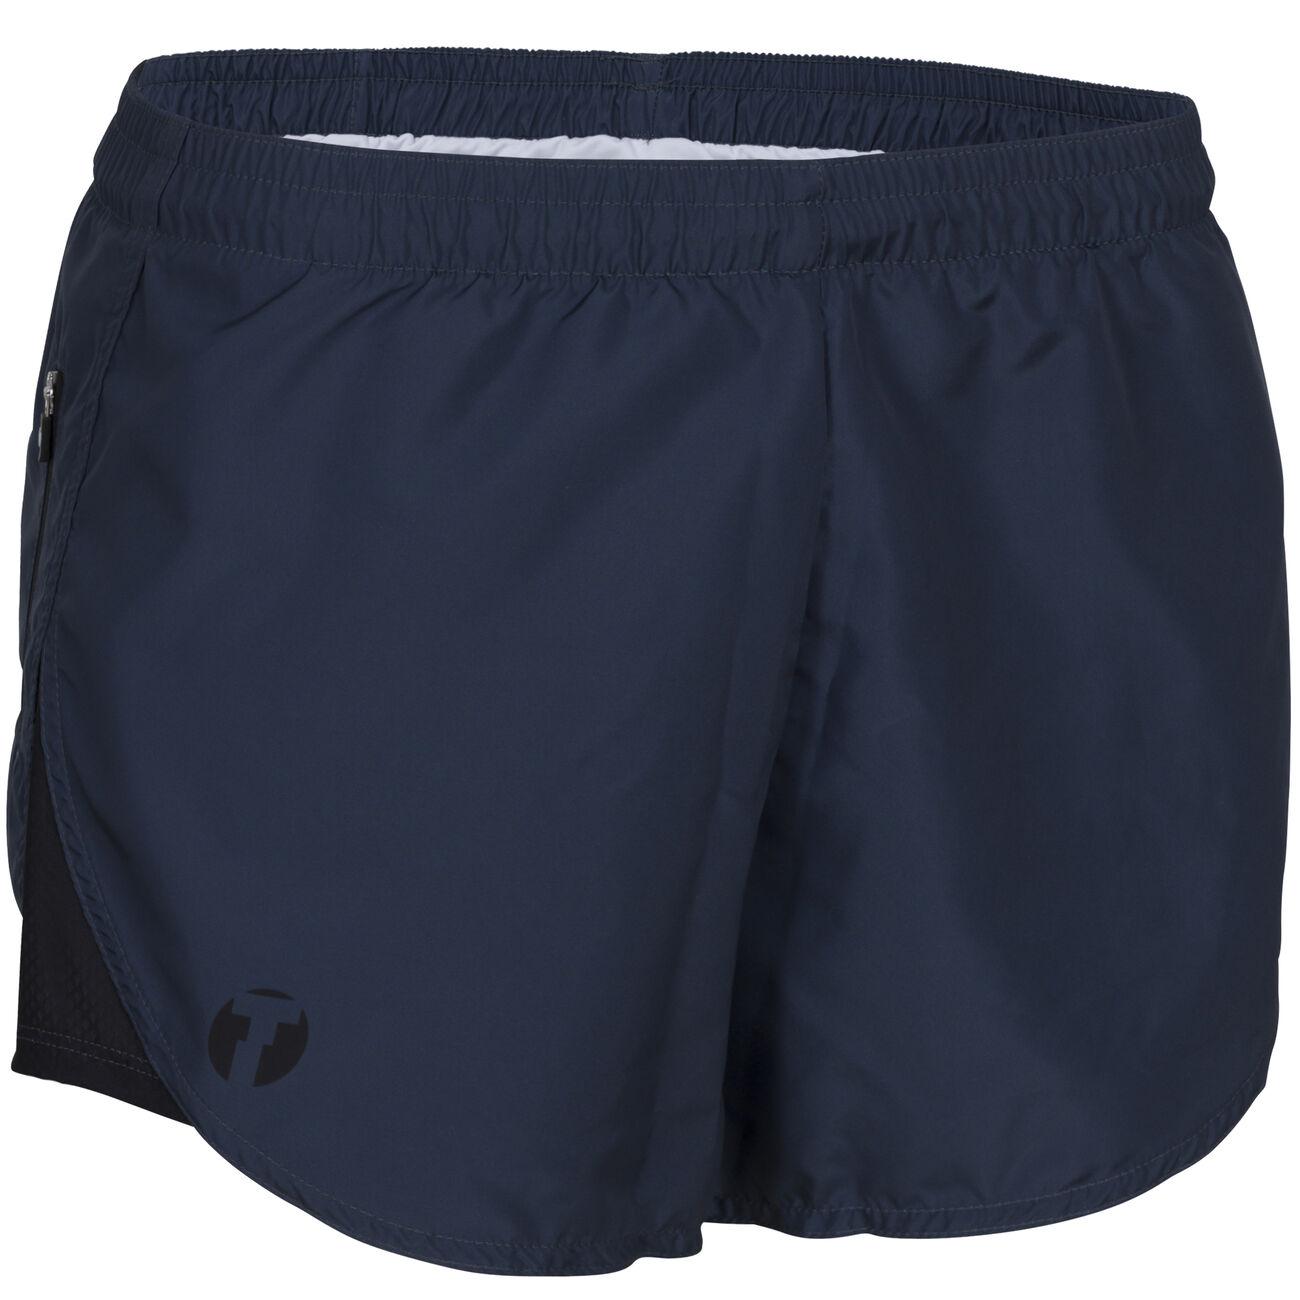 Run shorts women's